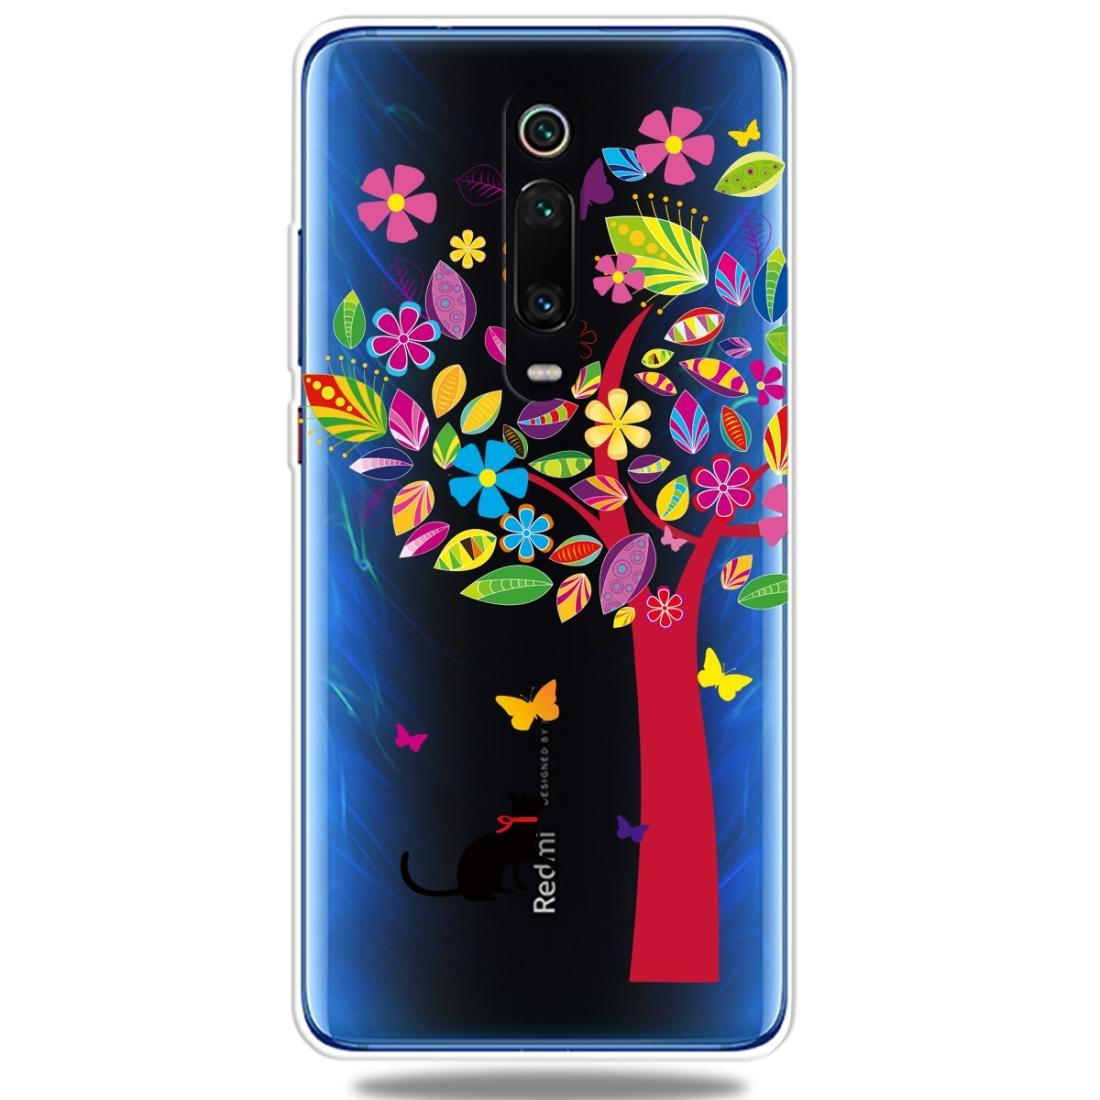 Moda suave TPU caso 3D dibujos animados transparente suave cubierta de silicona teléfono casos para Xiaomi 9 t/9 t Pro/redmi K20/Redmi K20 Pro